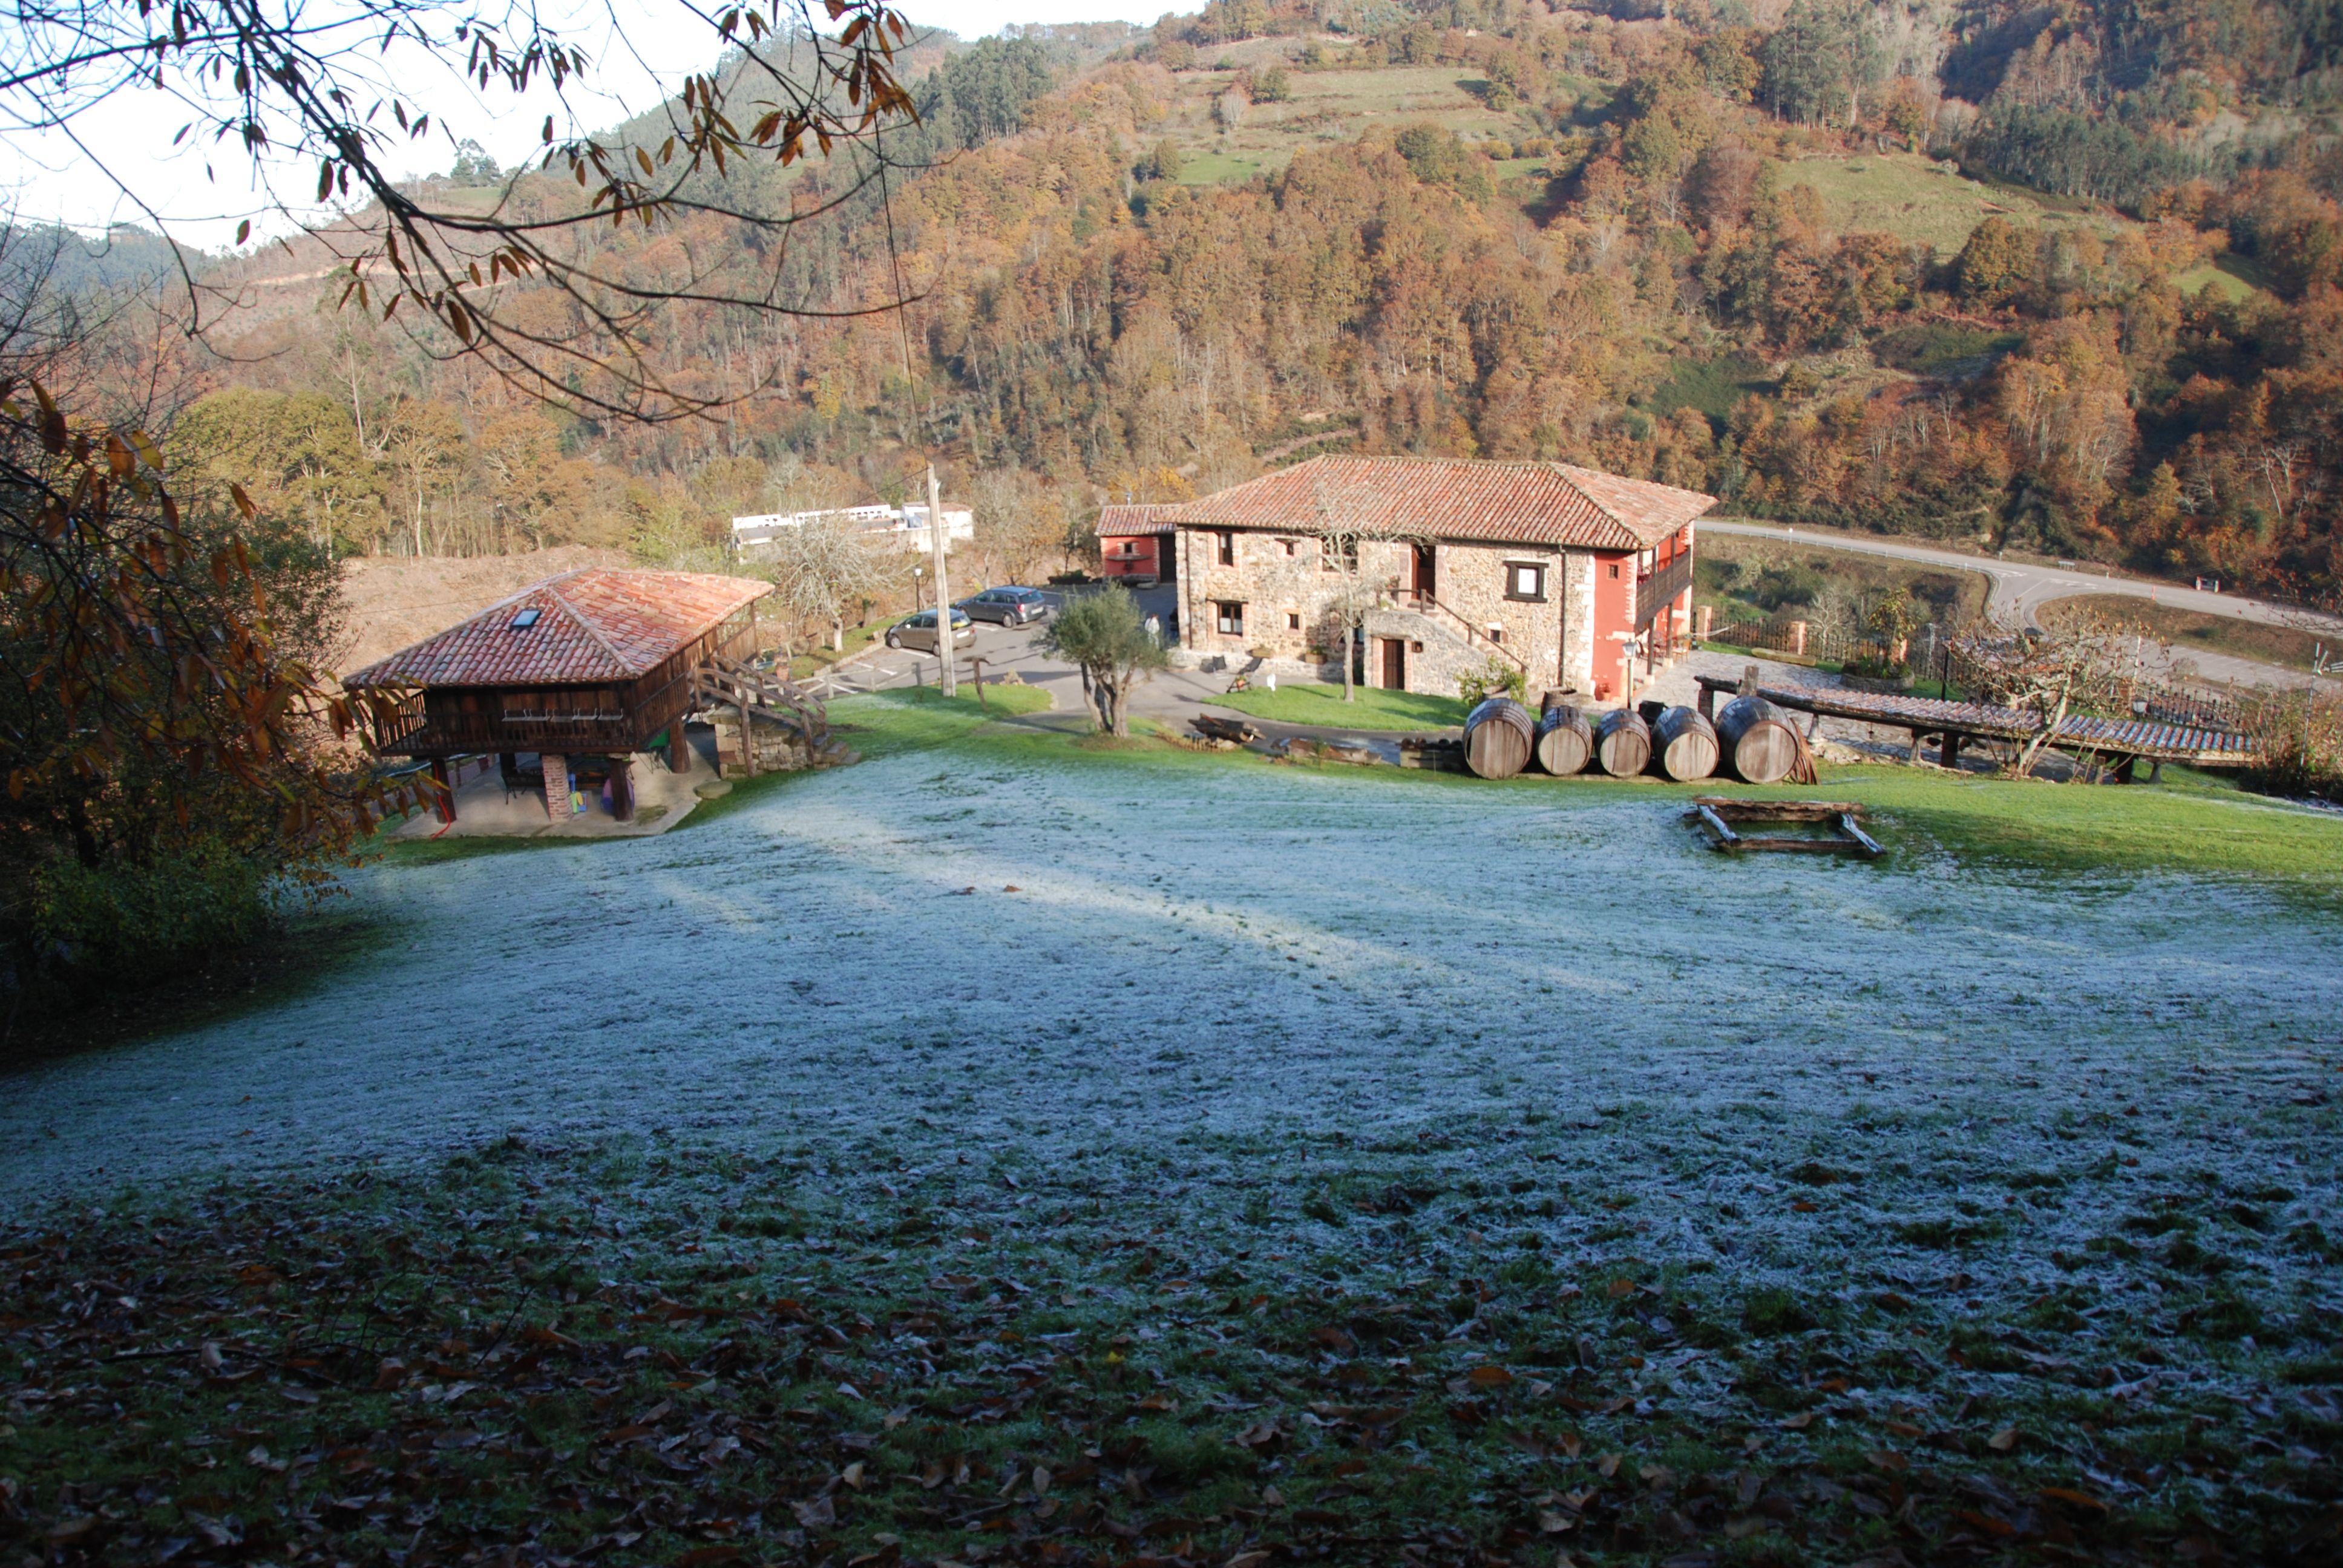 Panoramica de La Casona de Viñon desde una terraza en lo alto del prado. Por la mañana en invierno.